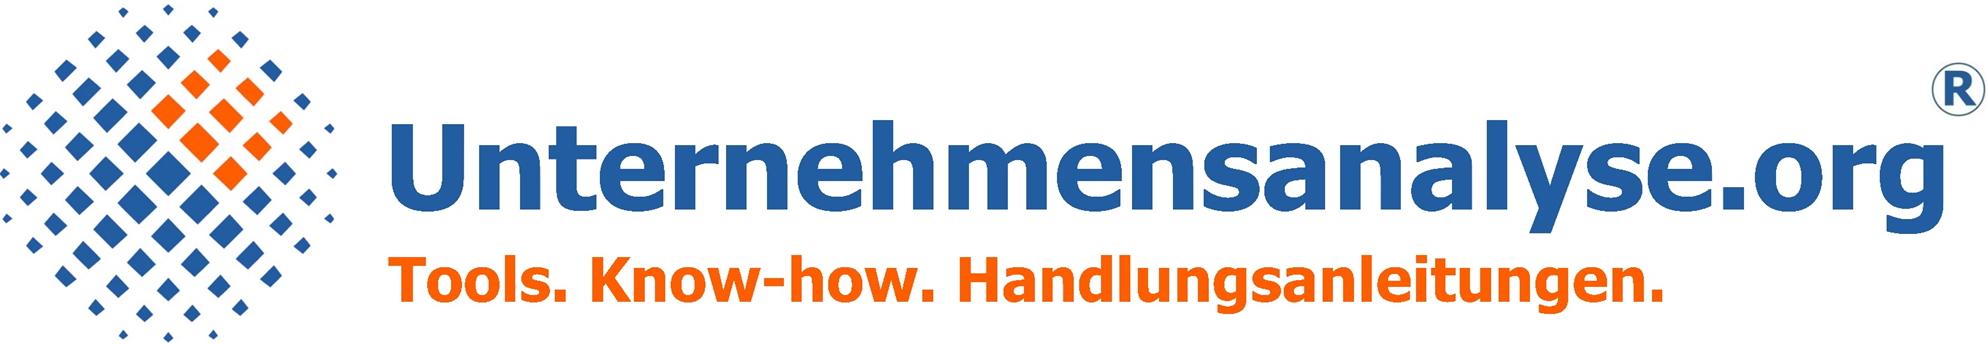 www-unternehmensanalyse-org-logo